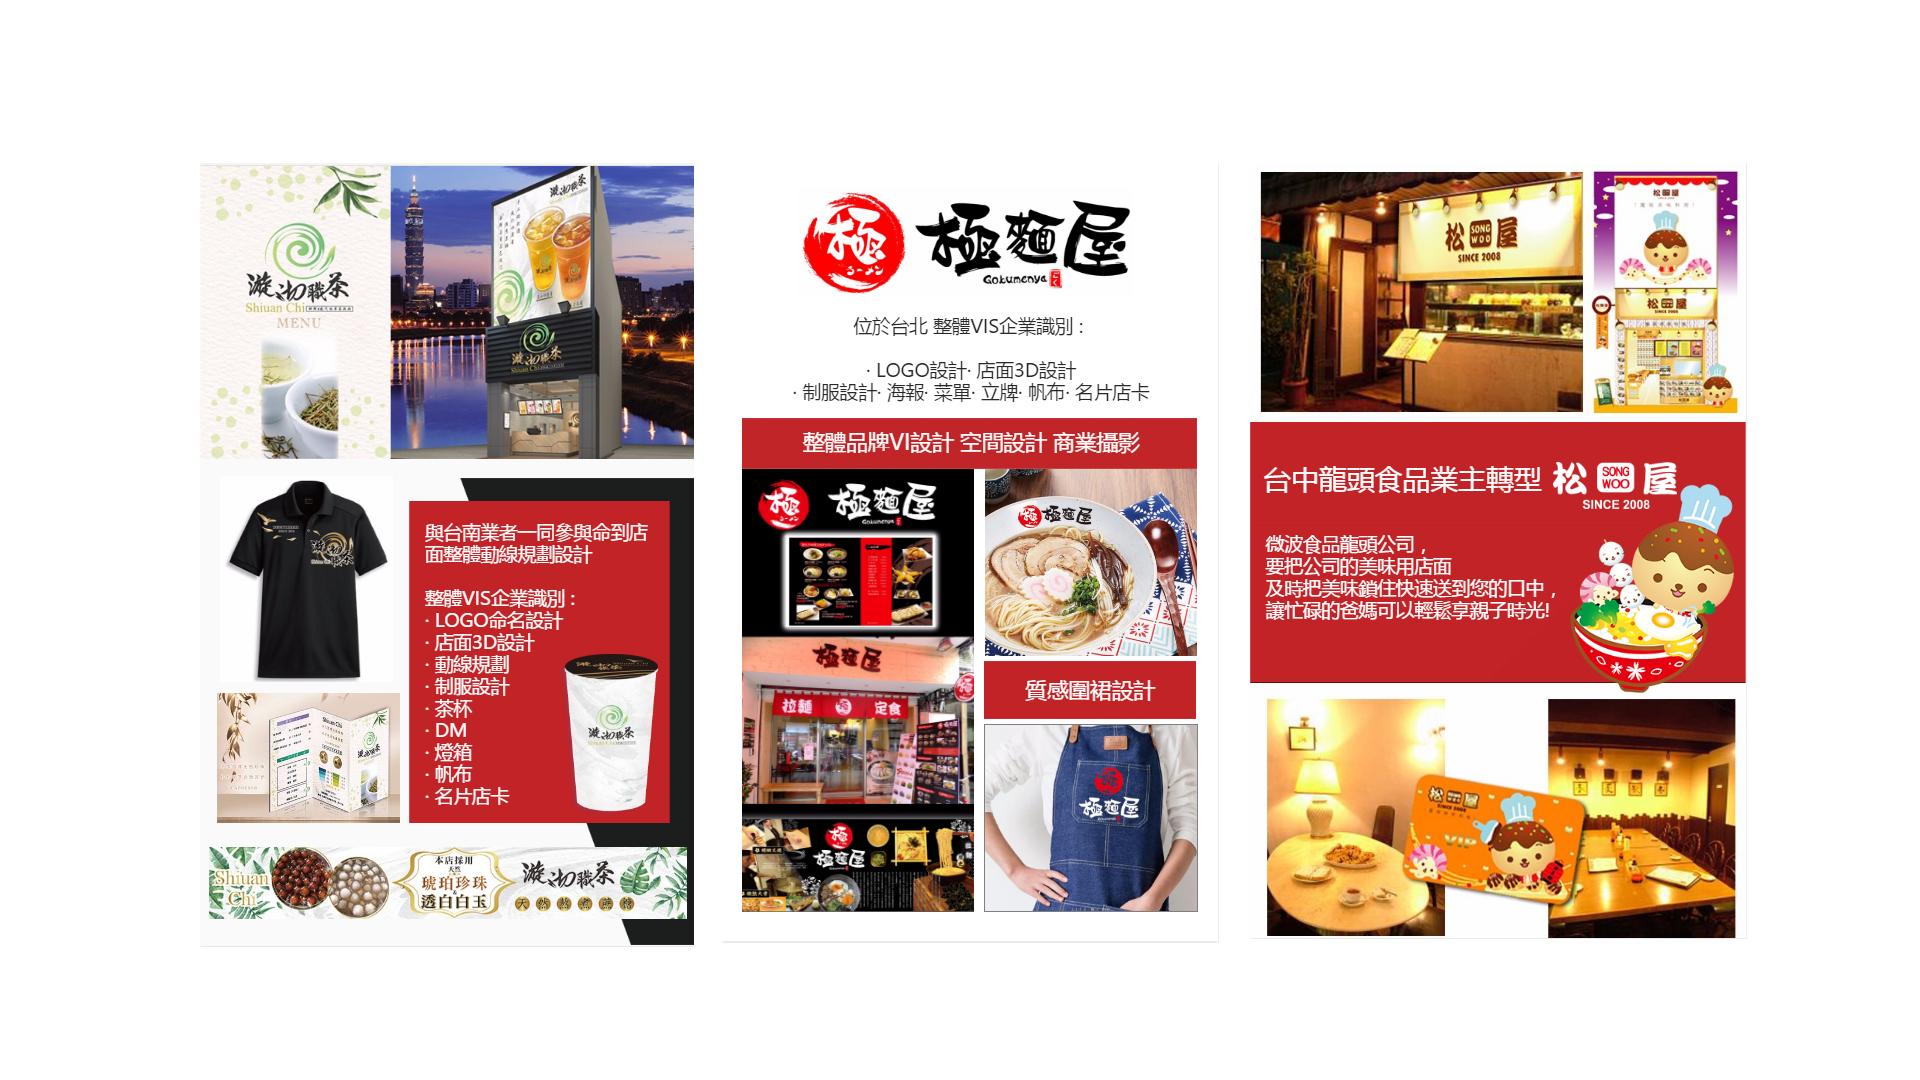 茶飲料店/拉麵店規劃設計